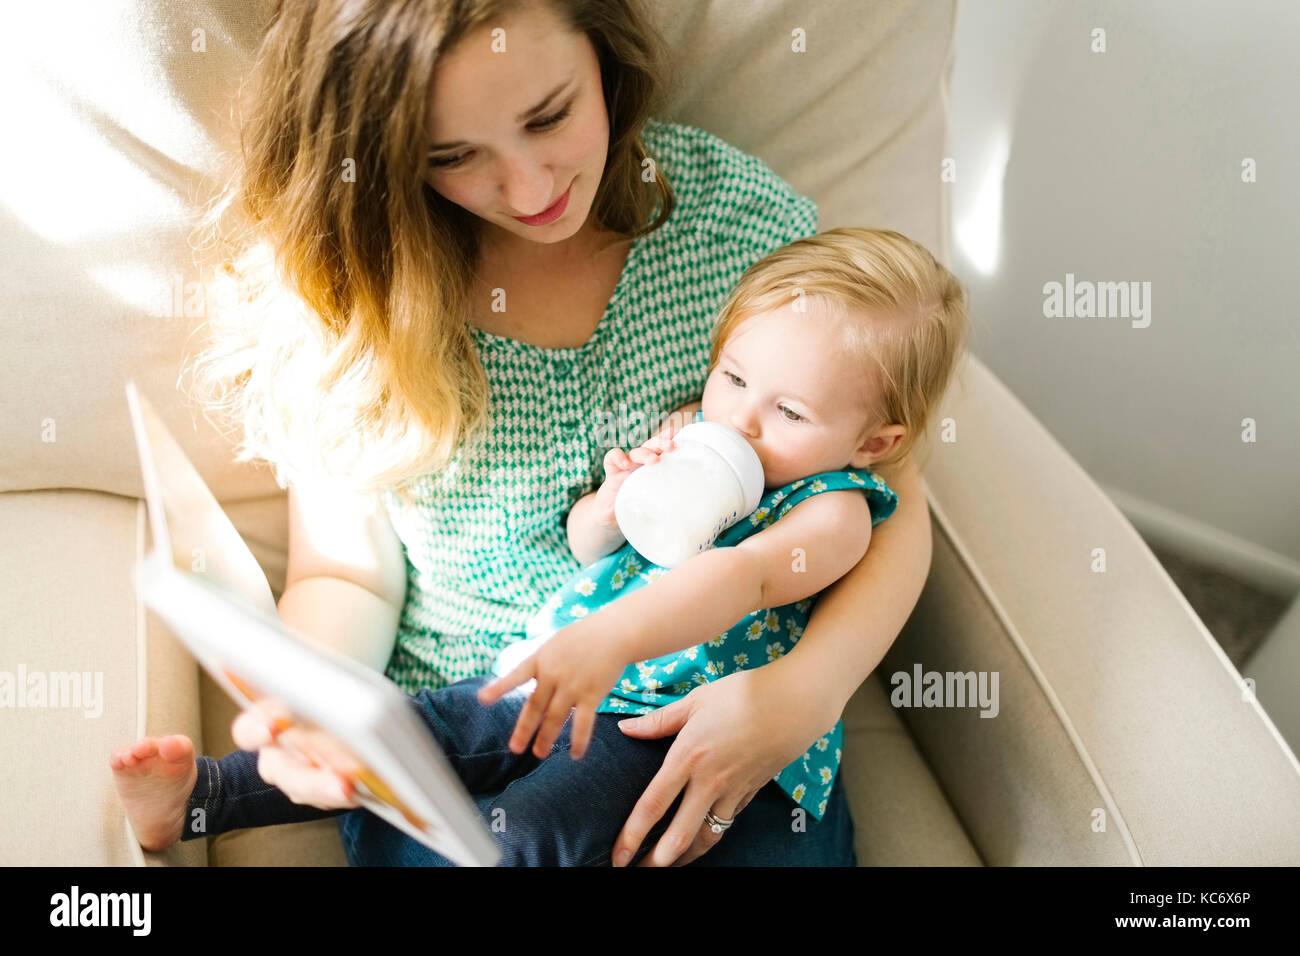 Madre con bambino ragazza (12-17 mesi) seduto in soggiorno e lettura prenota Immagini Stock